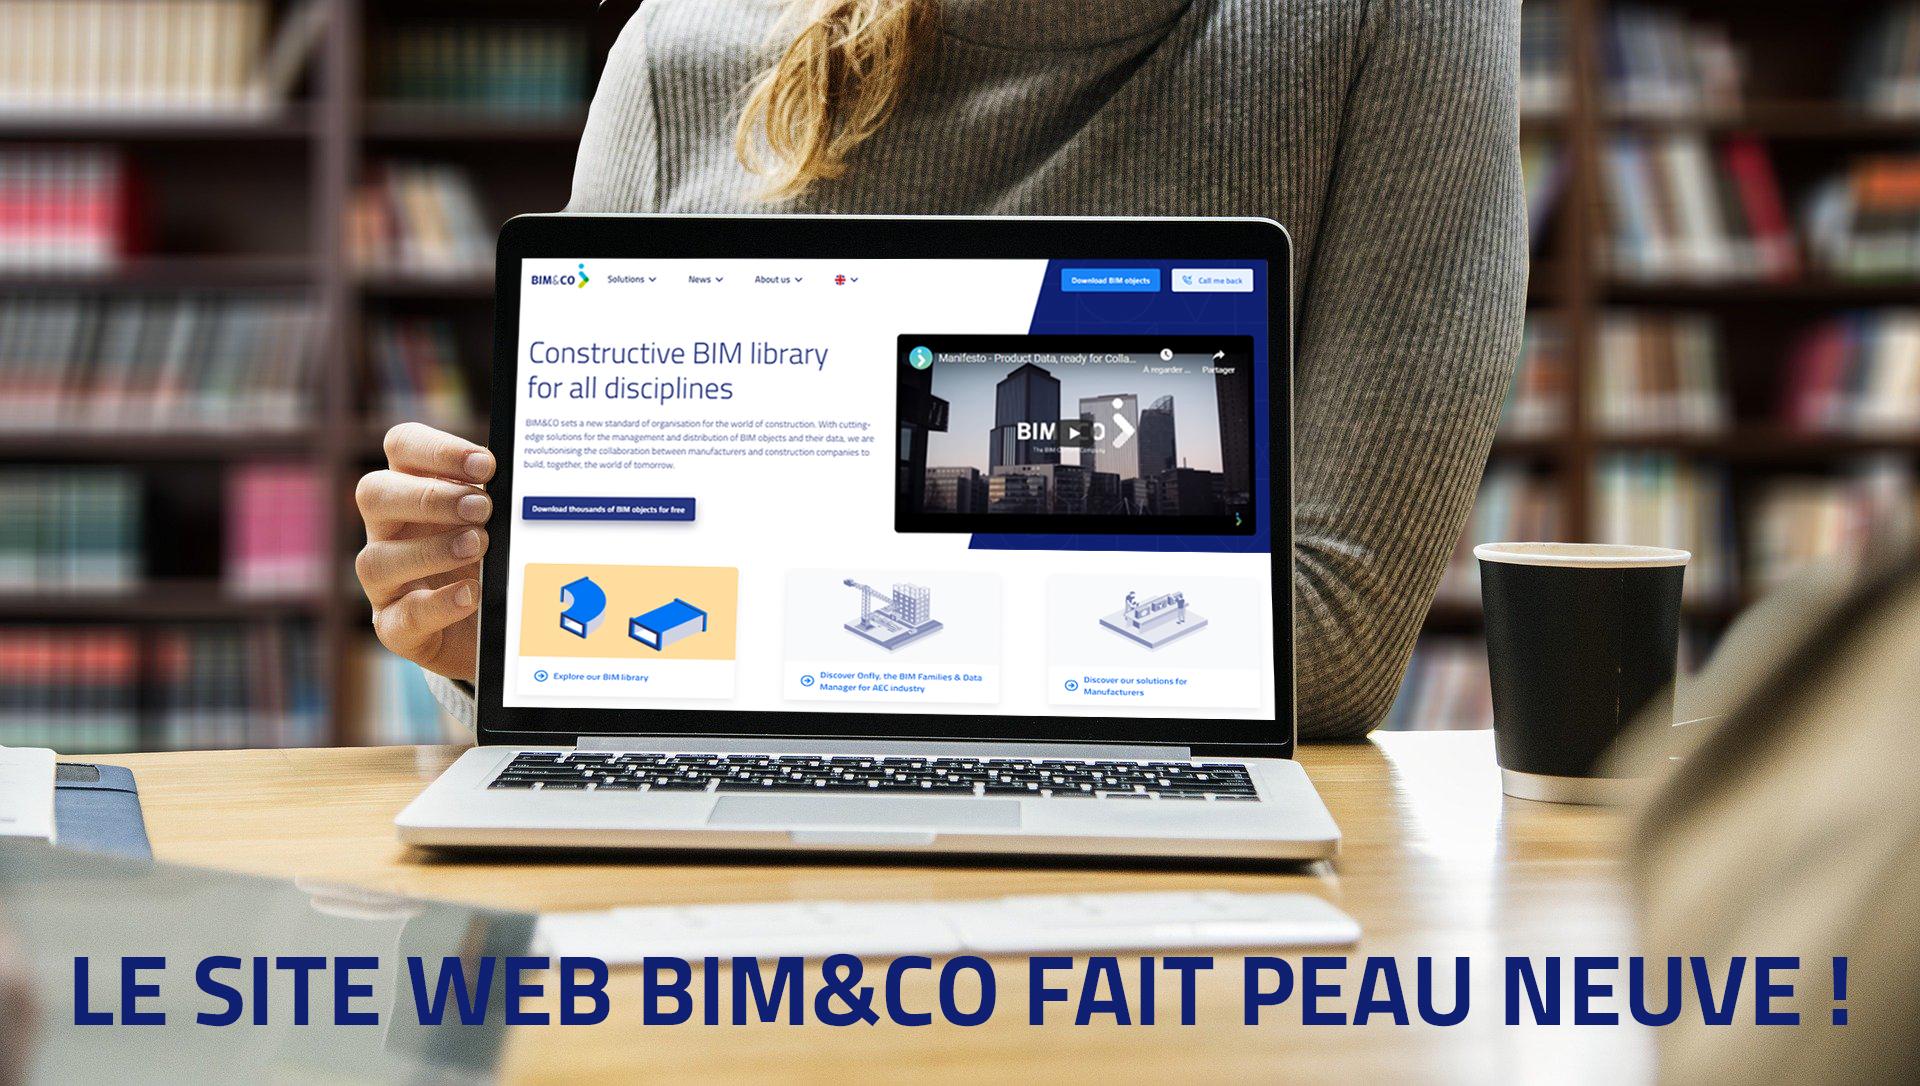 Le site web de BIM&CO fait peau neuve !